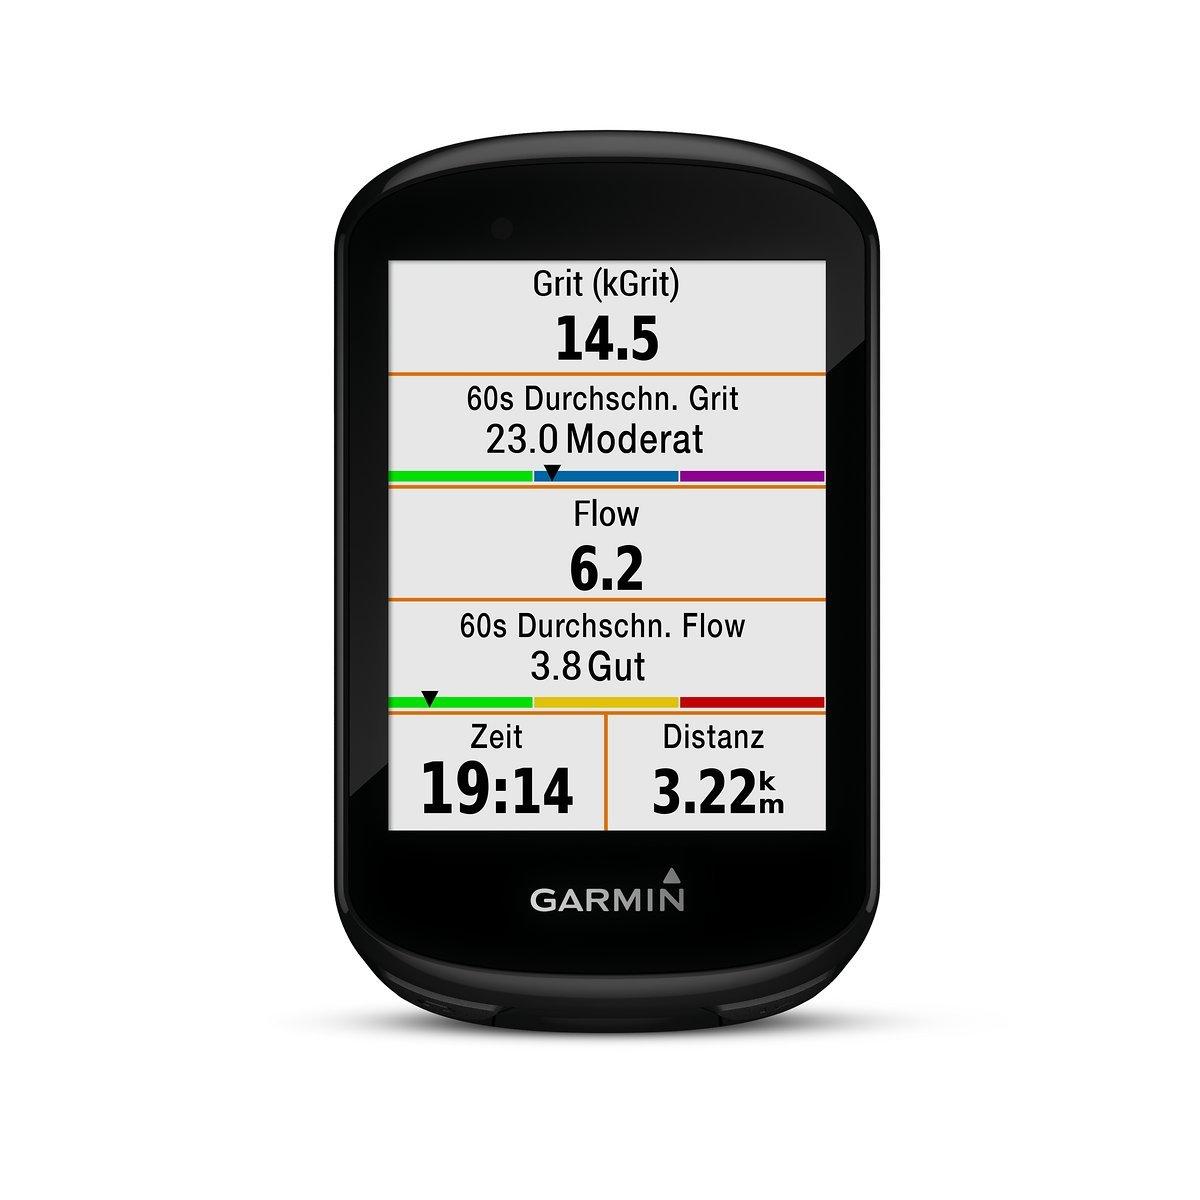 Der Bildschirm mit den neuen Analysen über die Trail-Performance